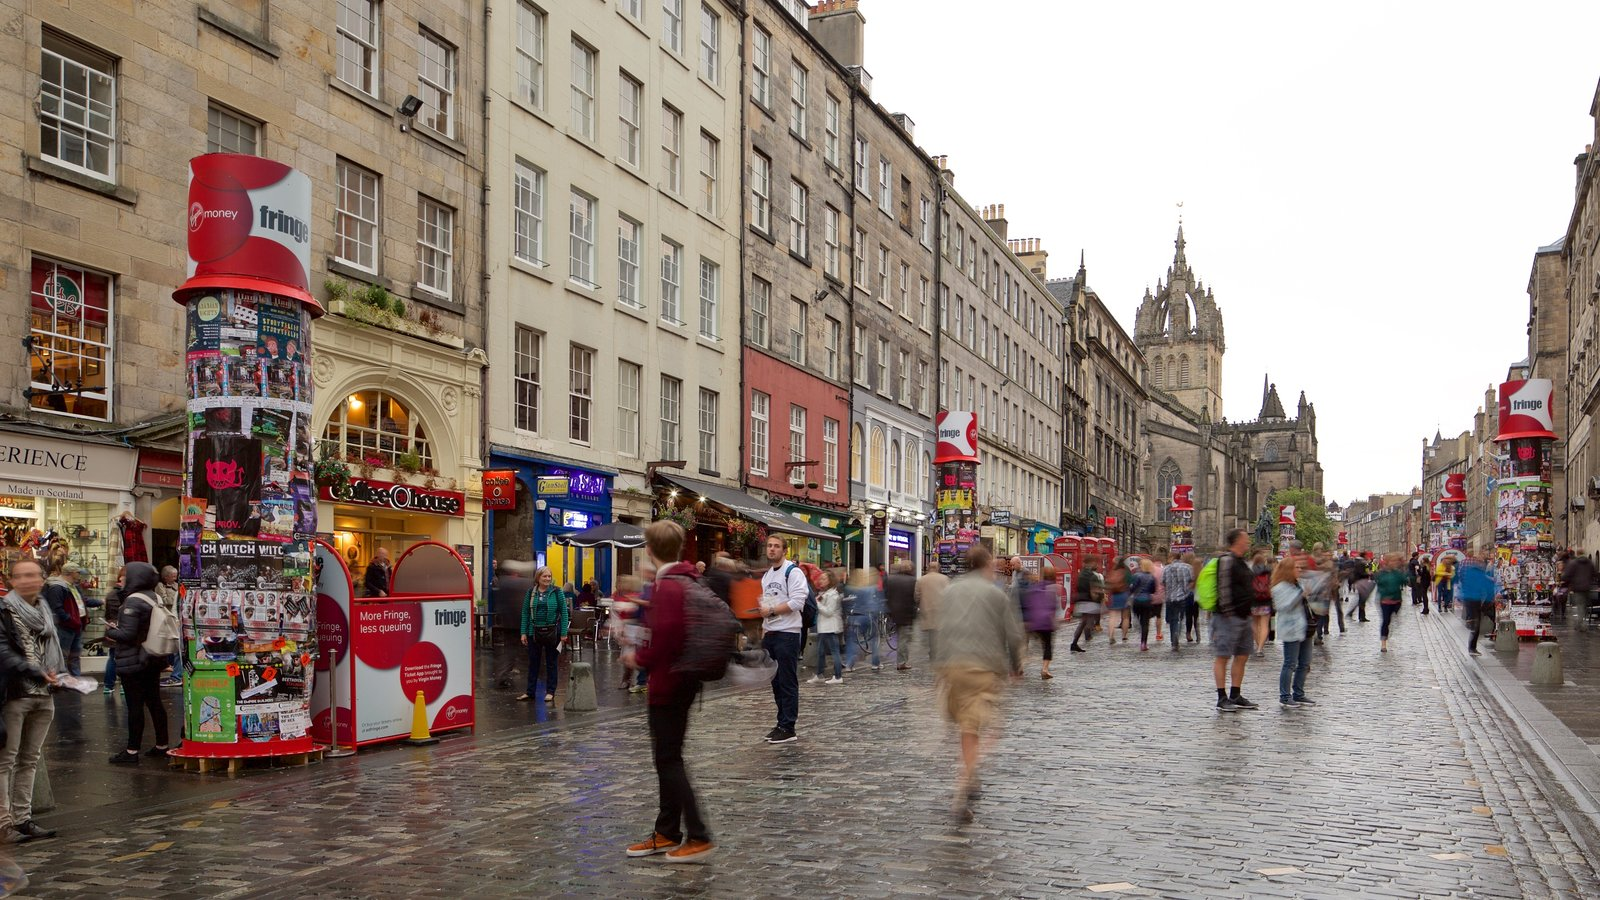 Old Town que incluye escenas urbanas y también un gran grupo de personas